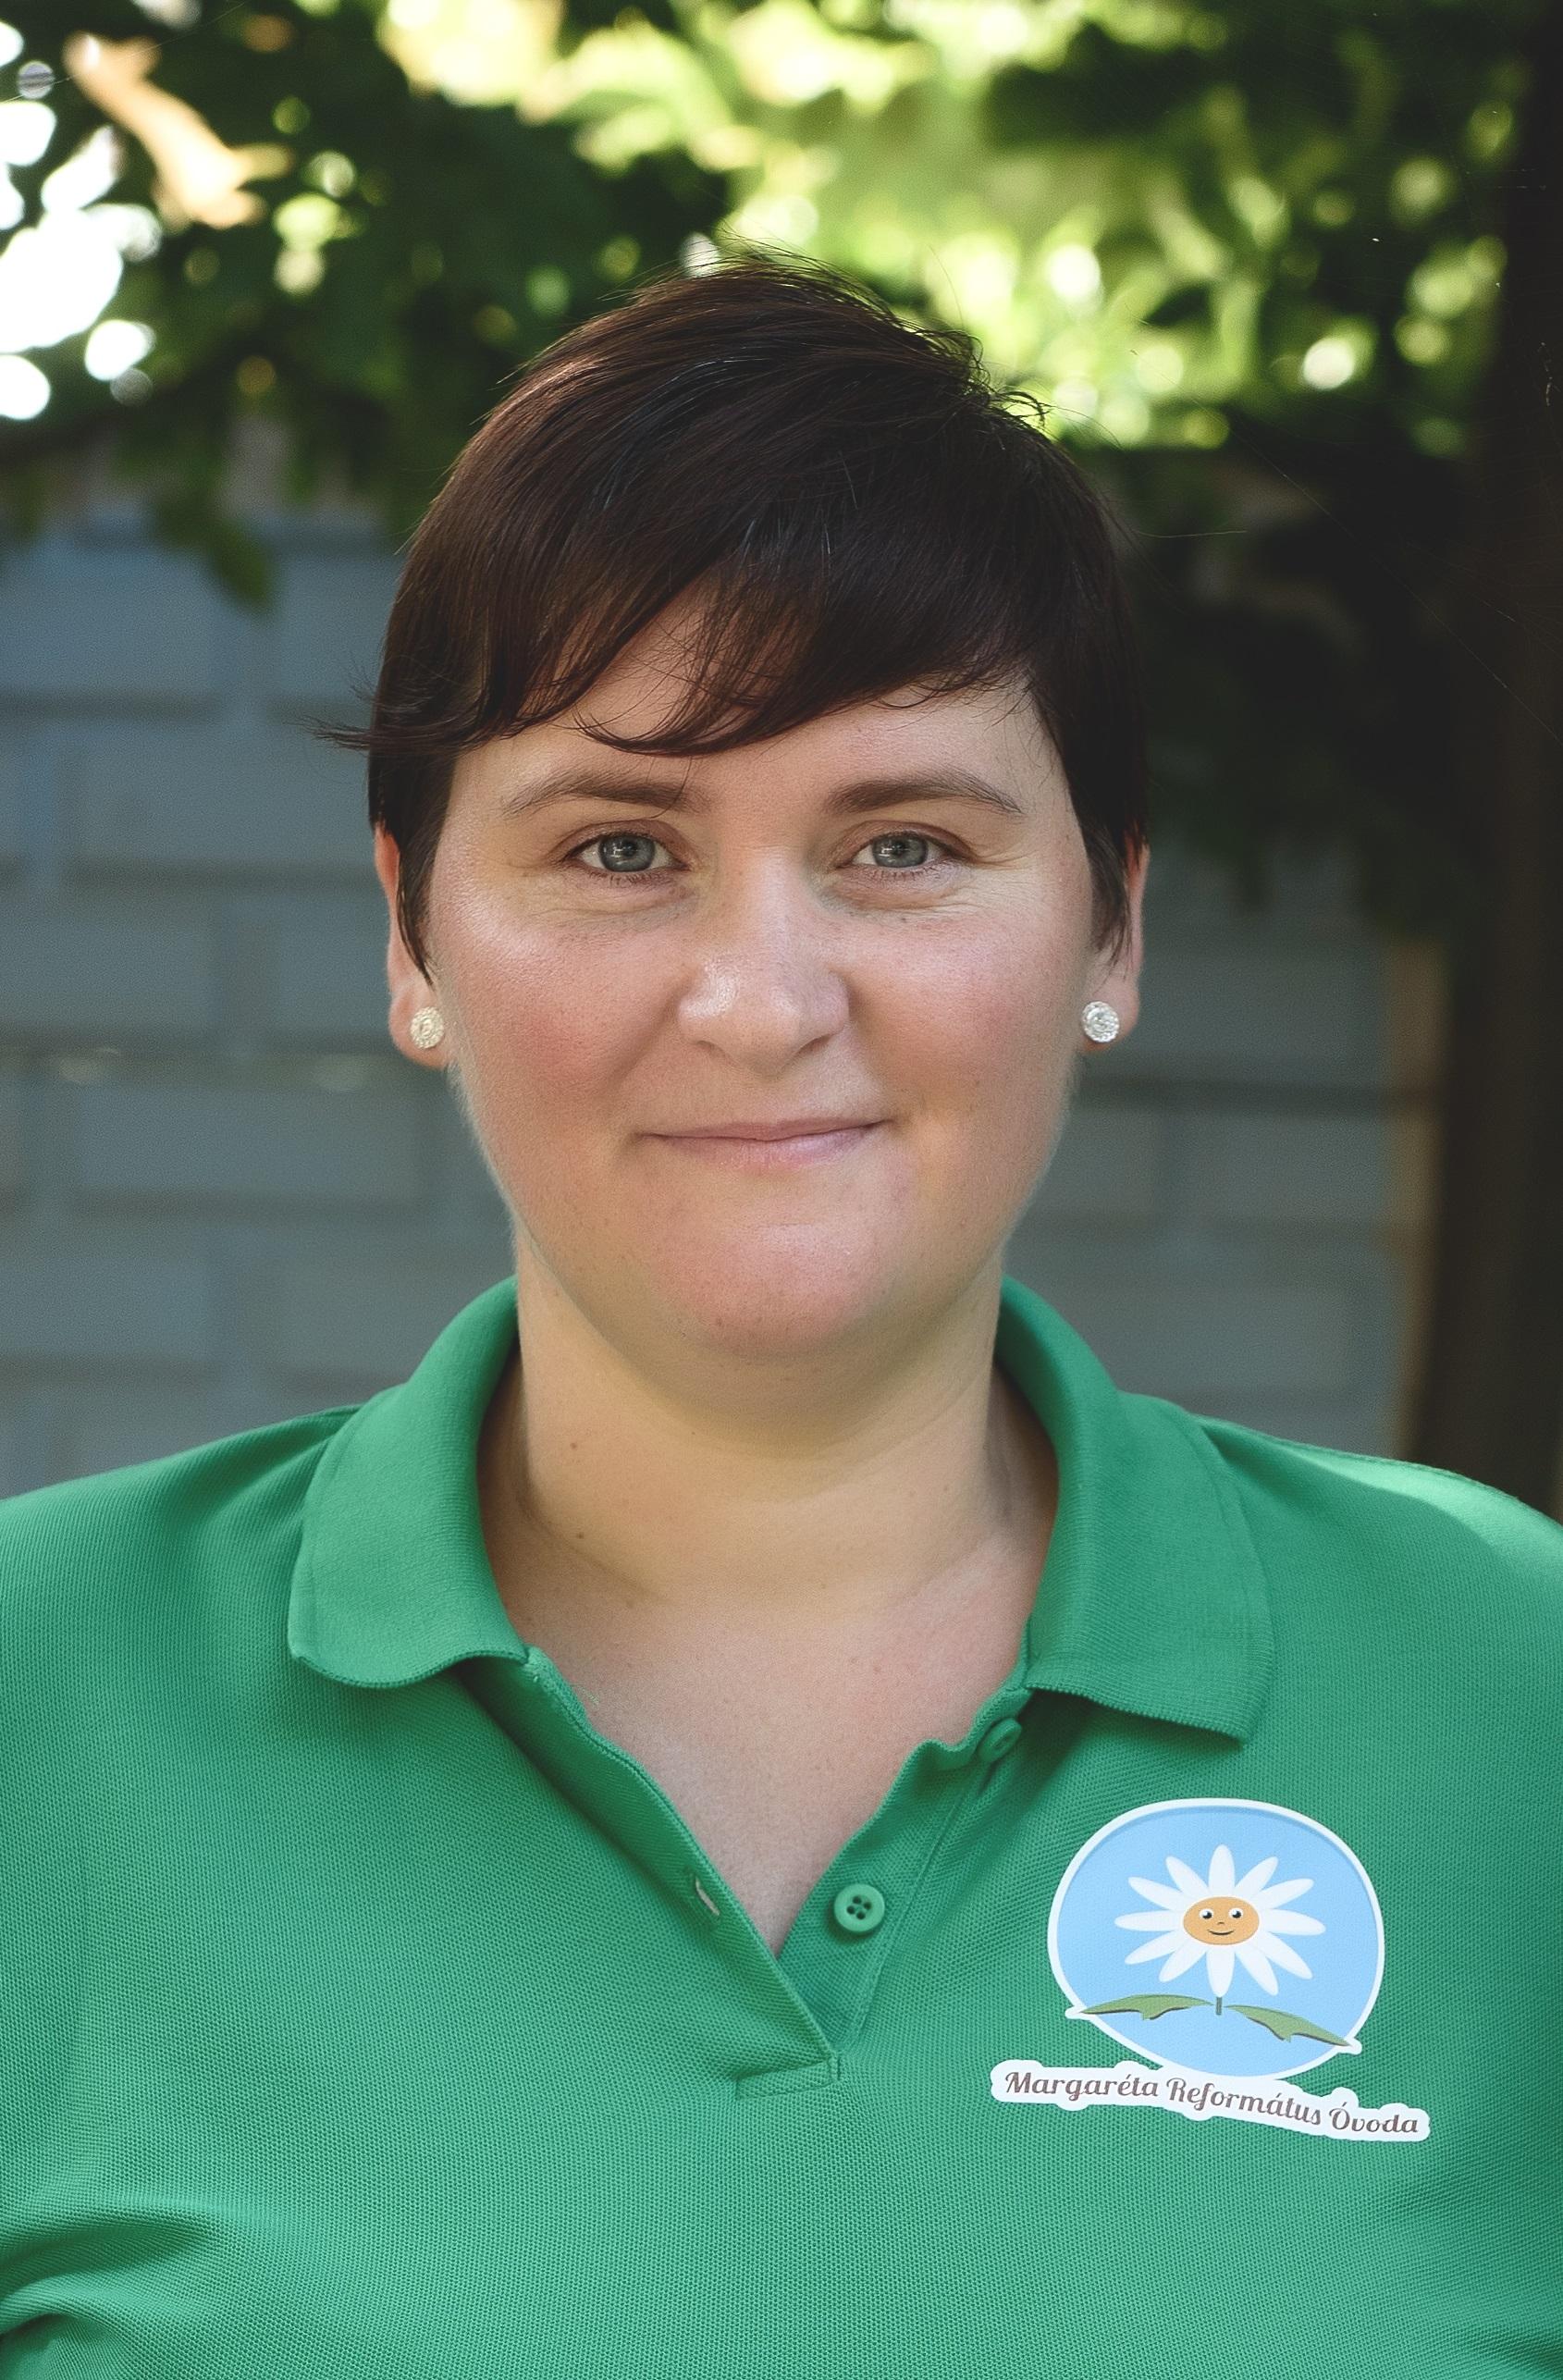 Sticklné Németh Bernadett - Konyhai dolgozó